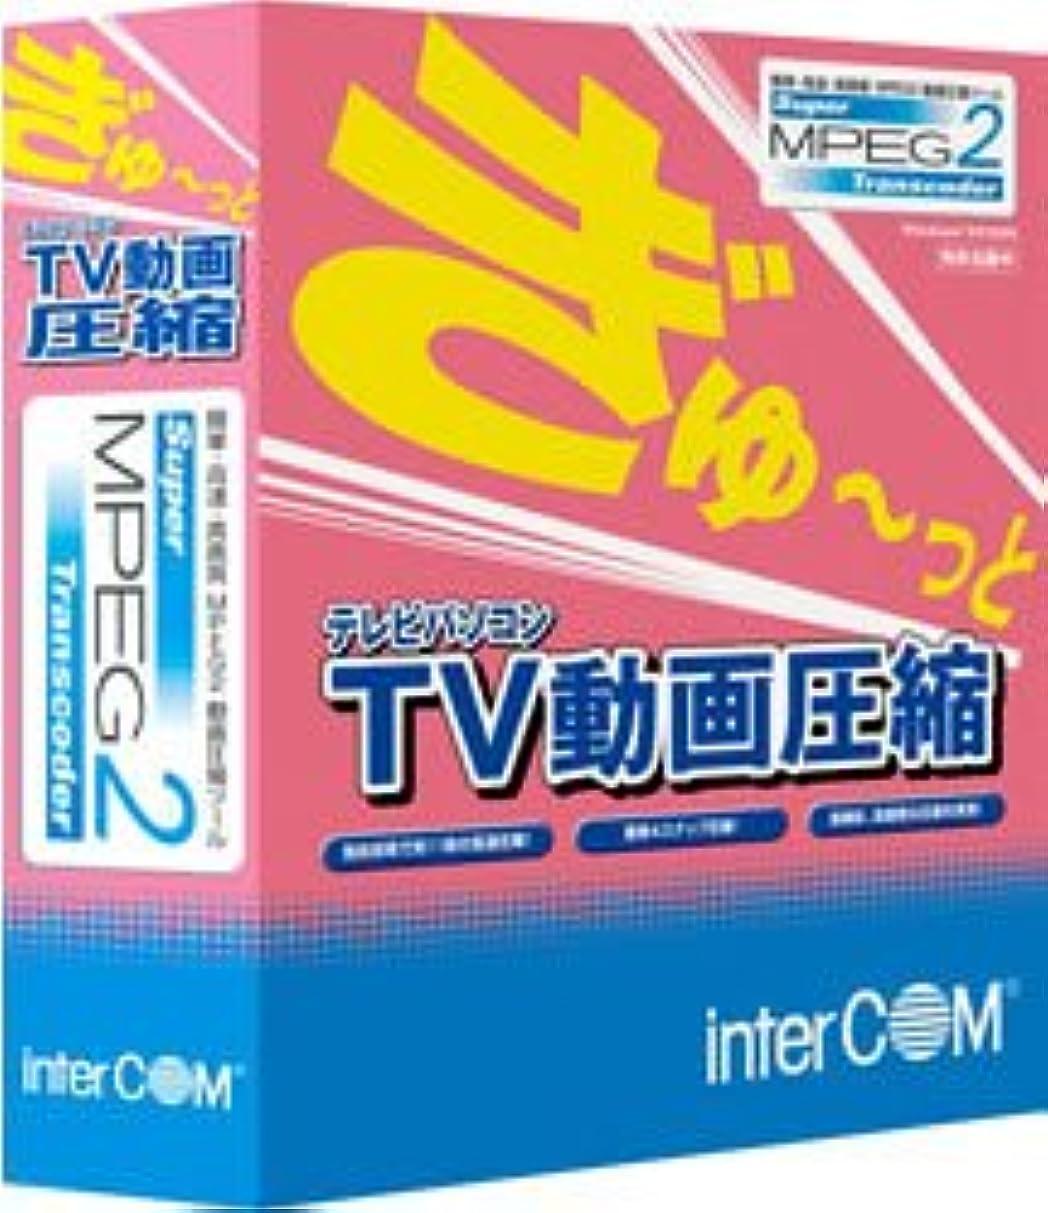 レンダリング良心的多年生Super MPEG2 Transcoder